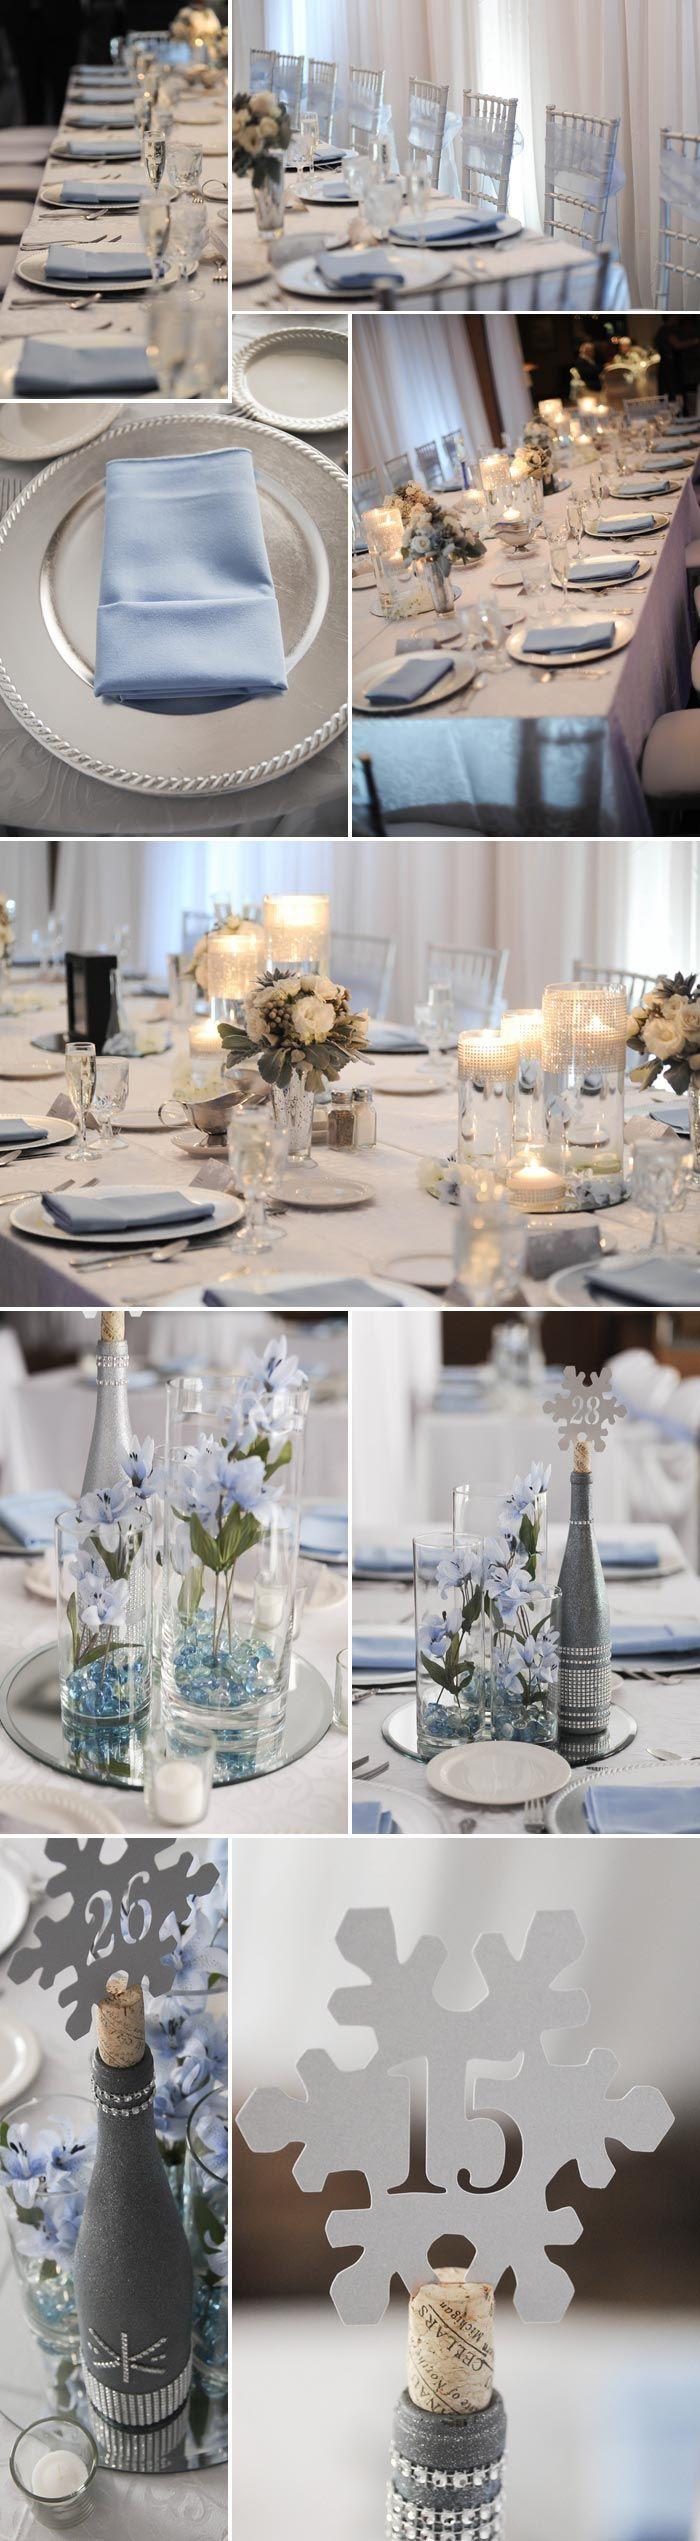 Hochzeit Im Februar Mit Toller Tischdeko In Silber Und Hellblau Bilder Jdhowell Photography